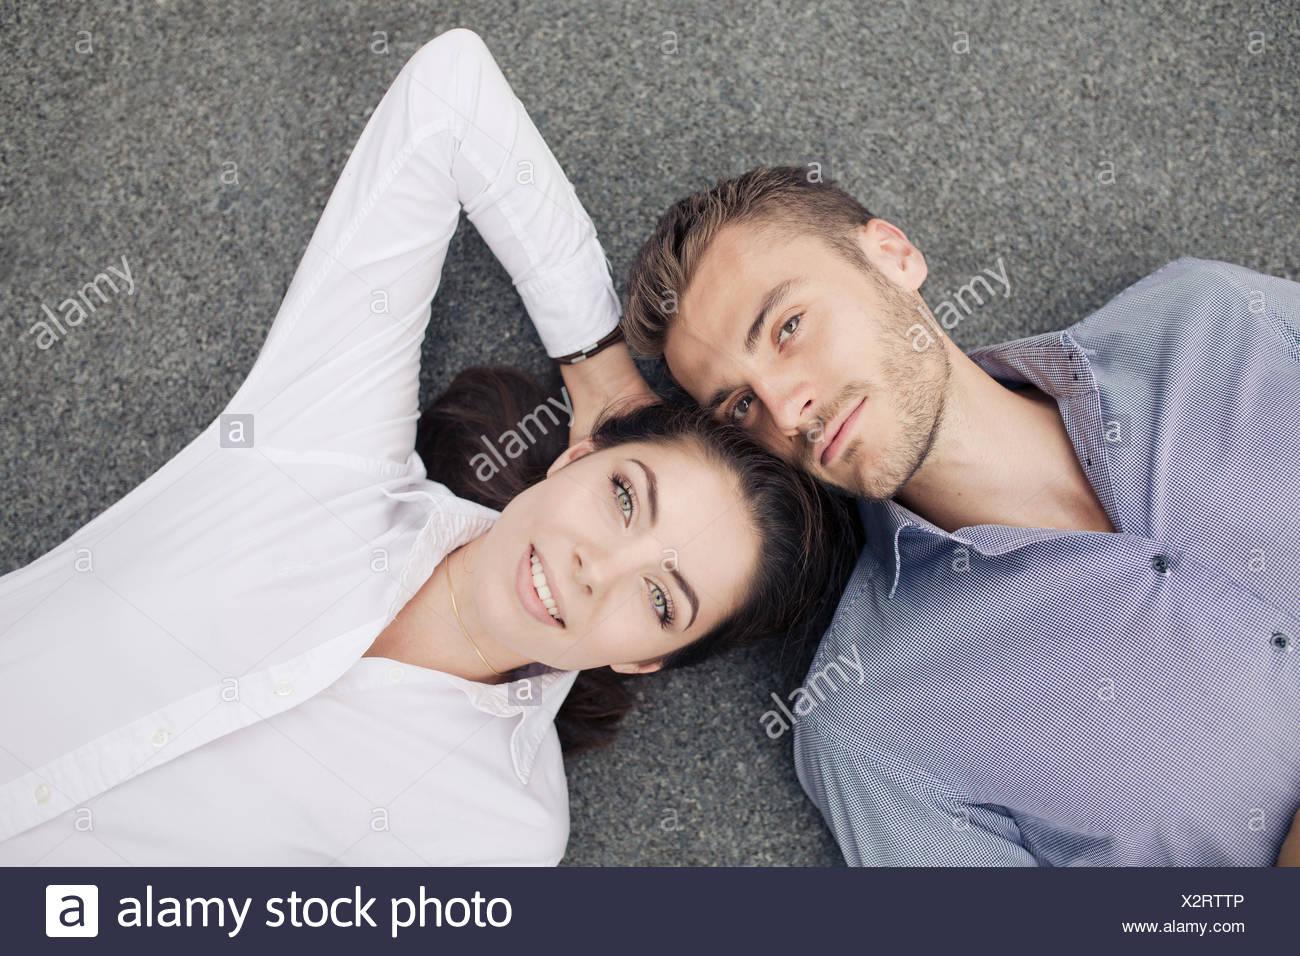 Young couple lying on floor, portrait - Stock Image